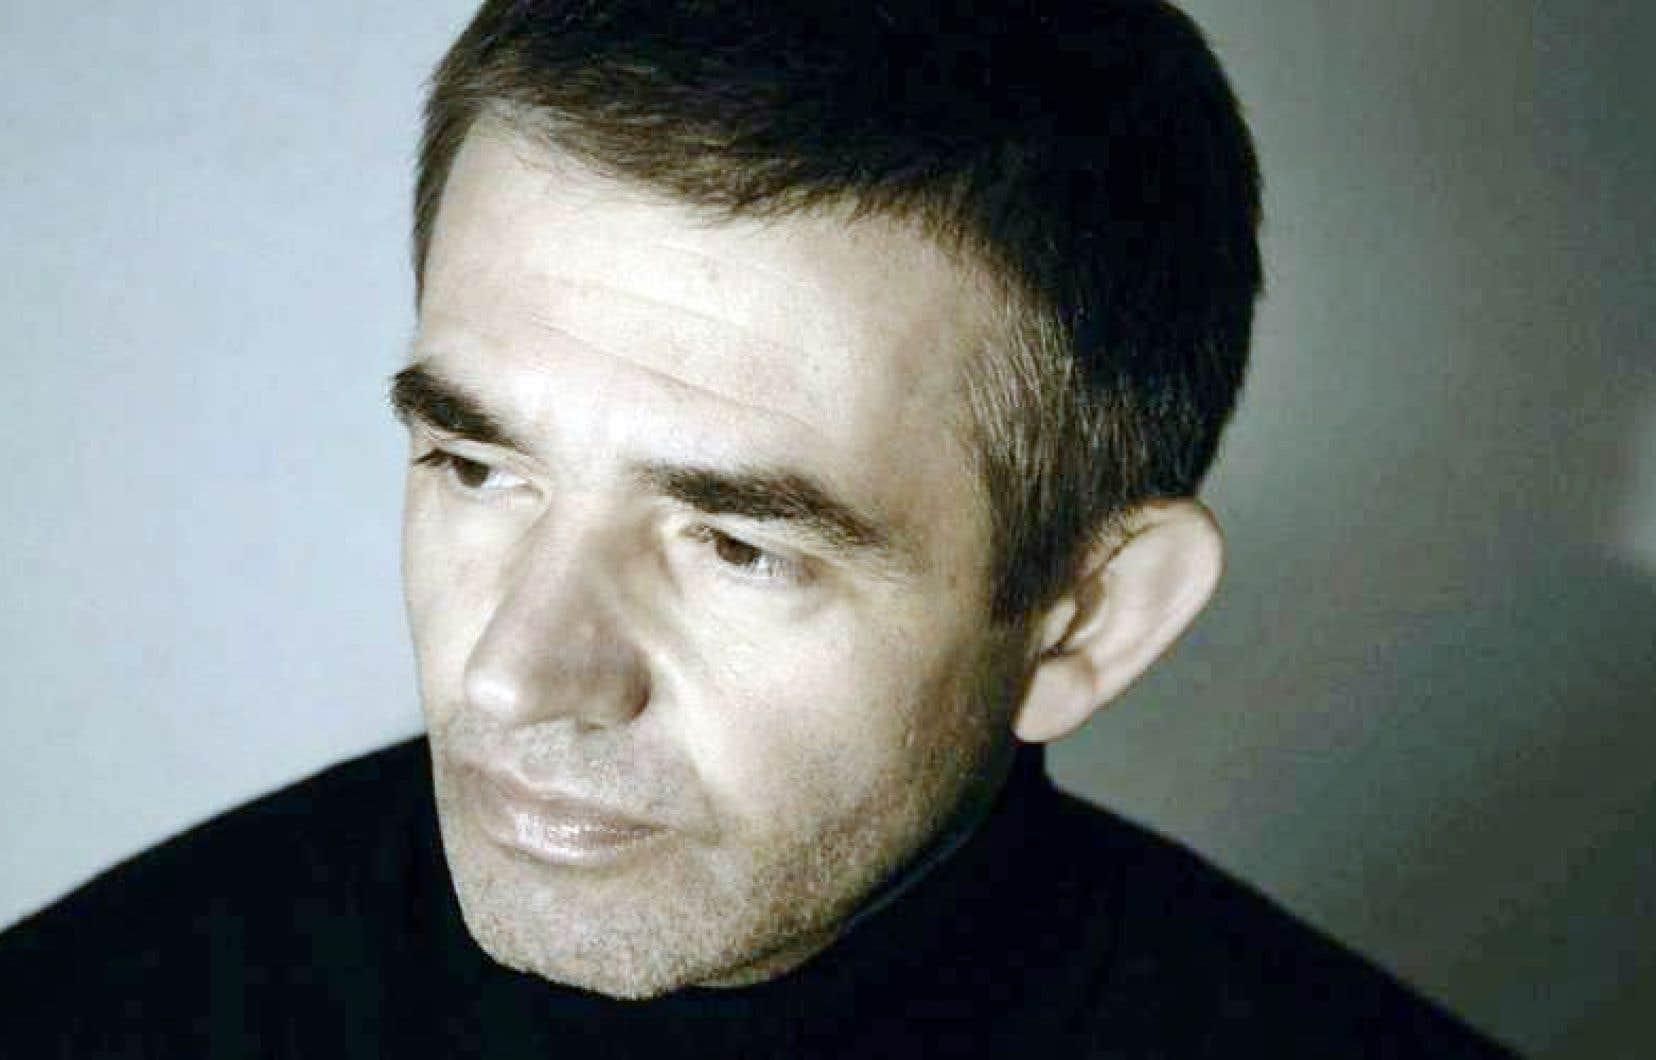 De la veille de l'attentat de «Charlie Hebdo» jusqu'à ceux du Bataclan la même année, Philippe Lançon raconte son «petit Golgotha hospitalier», faisant le récit de sa vie avant, pendant et après l'événement.